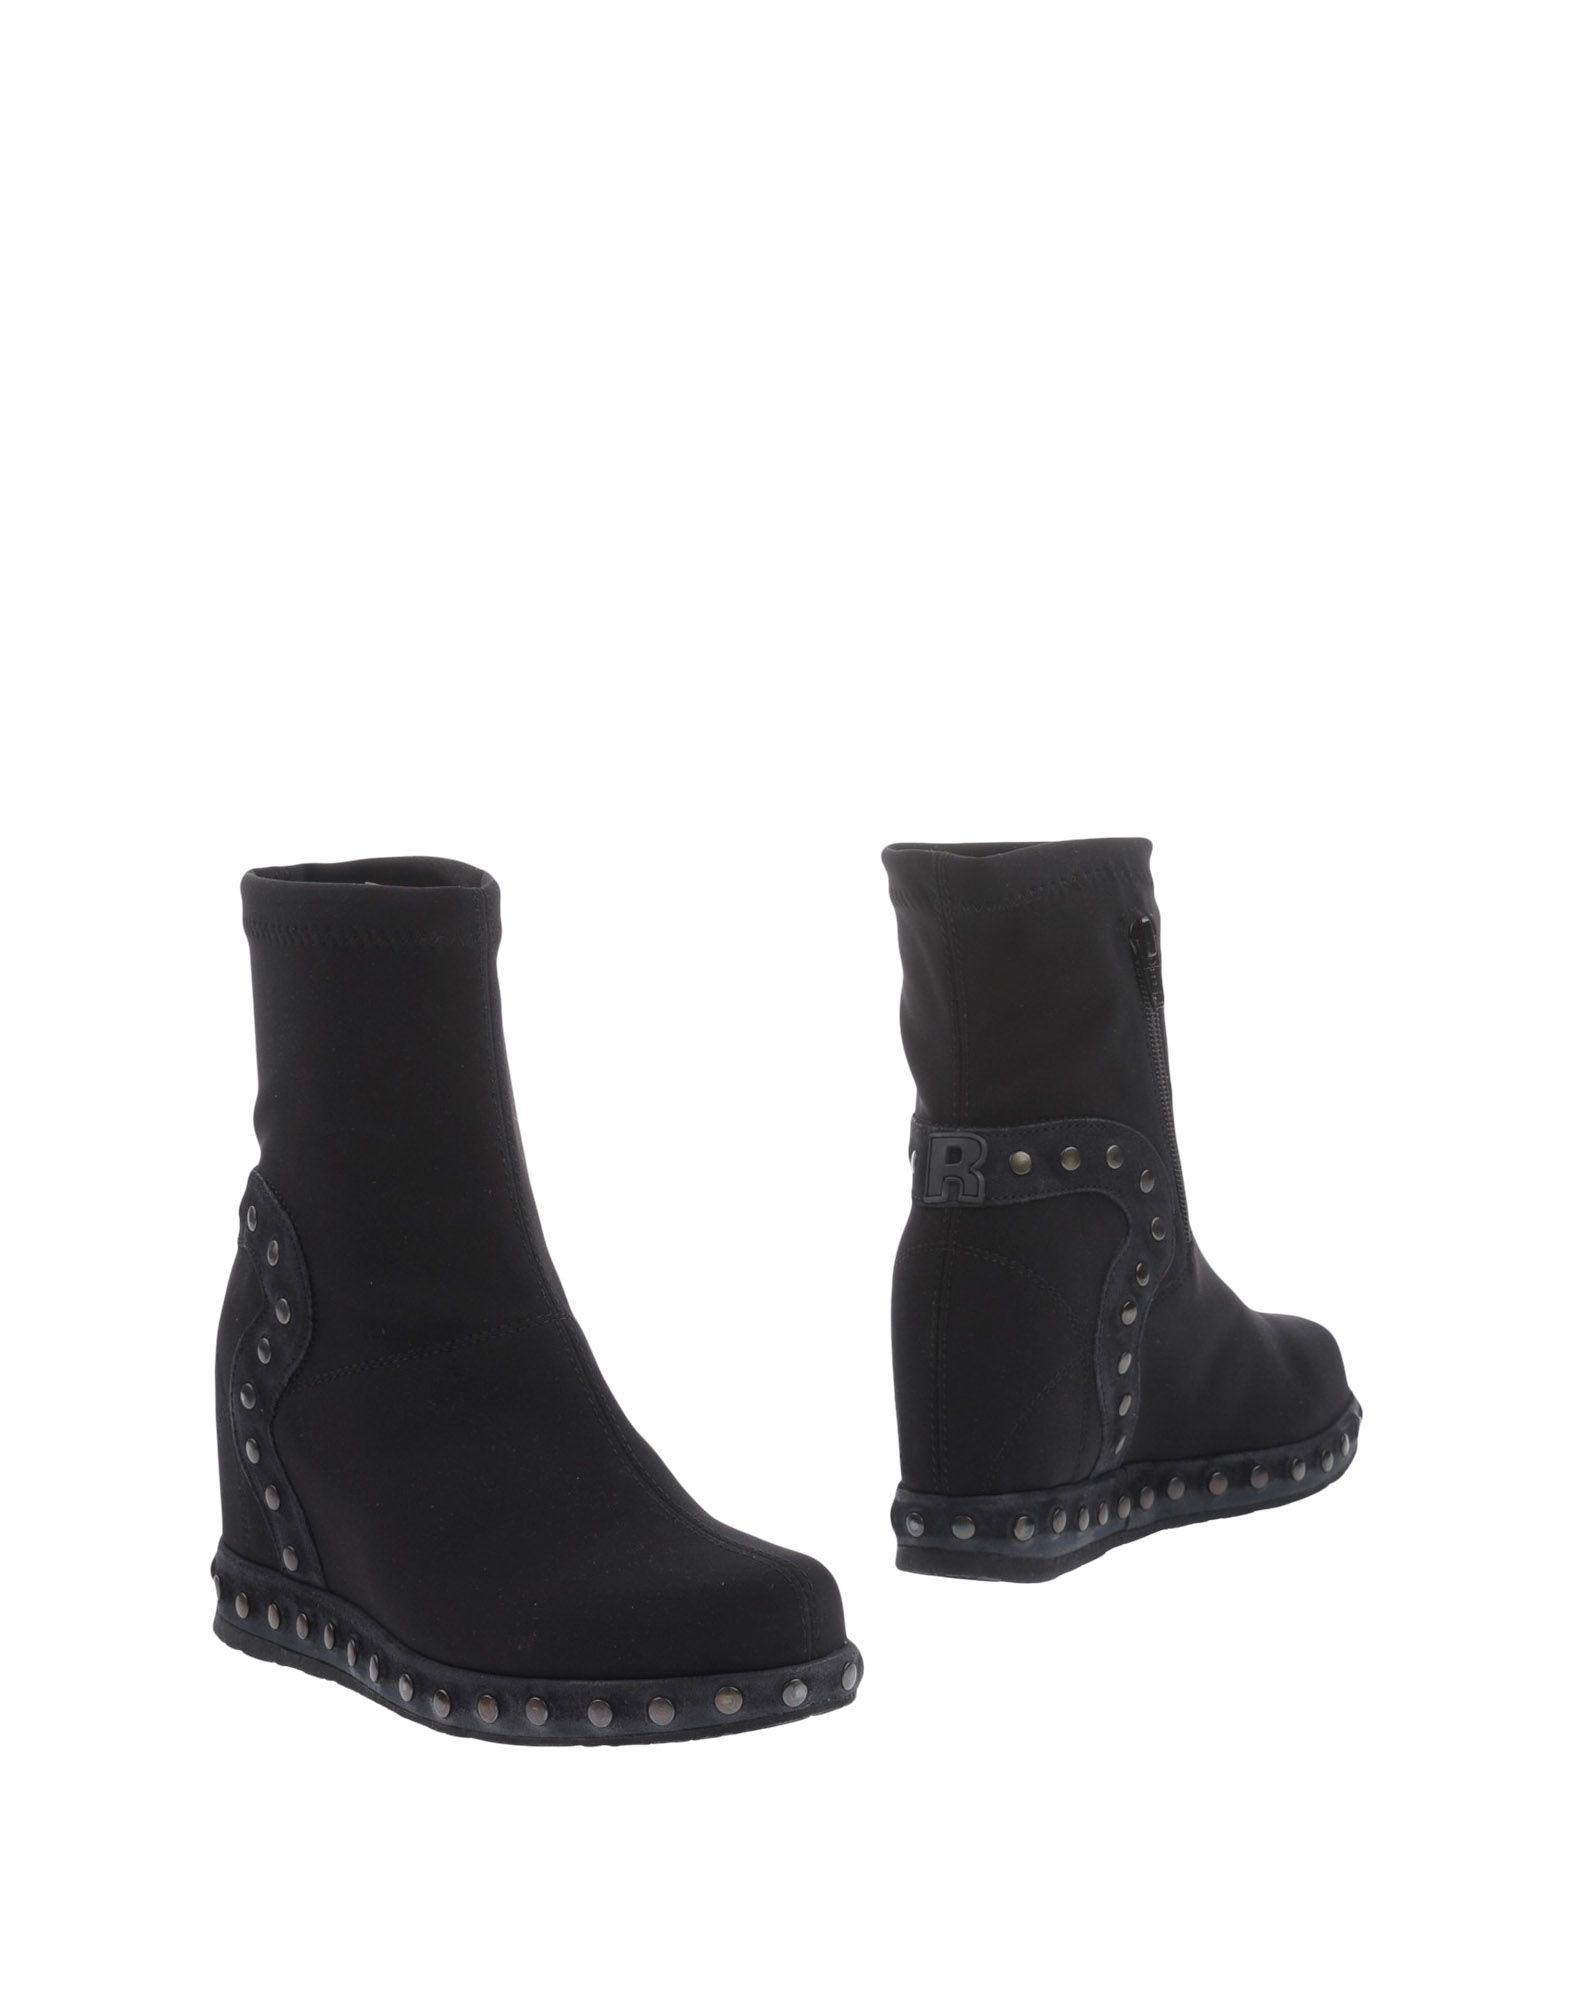 Stilvolle Stiefelette billige Schuhe Ruco Line Stiefelette Stilvolle Damen  11219001MG 989132